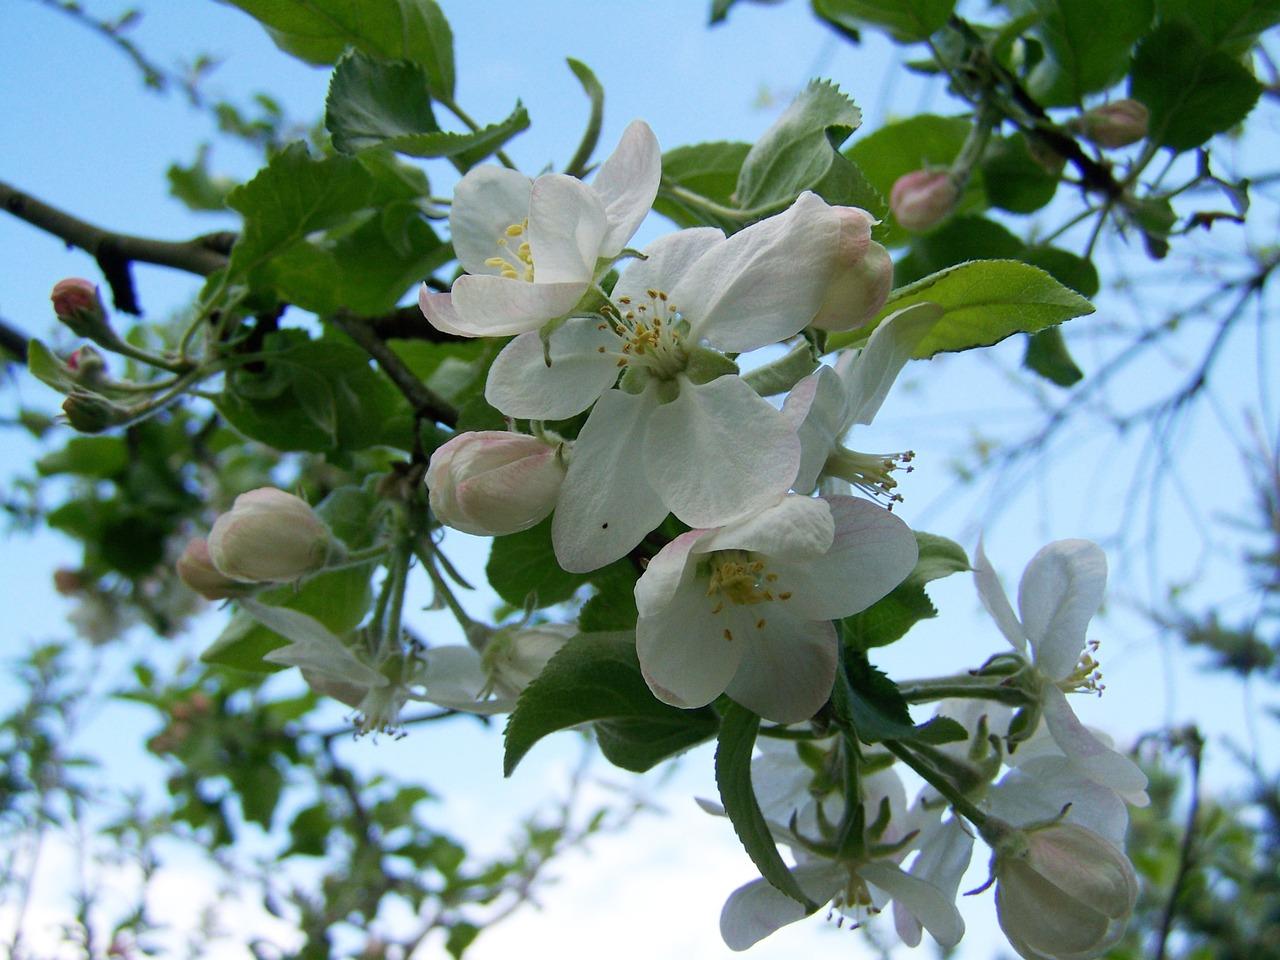 Что посадить на 6 сотках: деревья, растения, кустарники и цветы 6